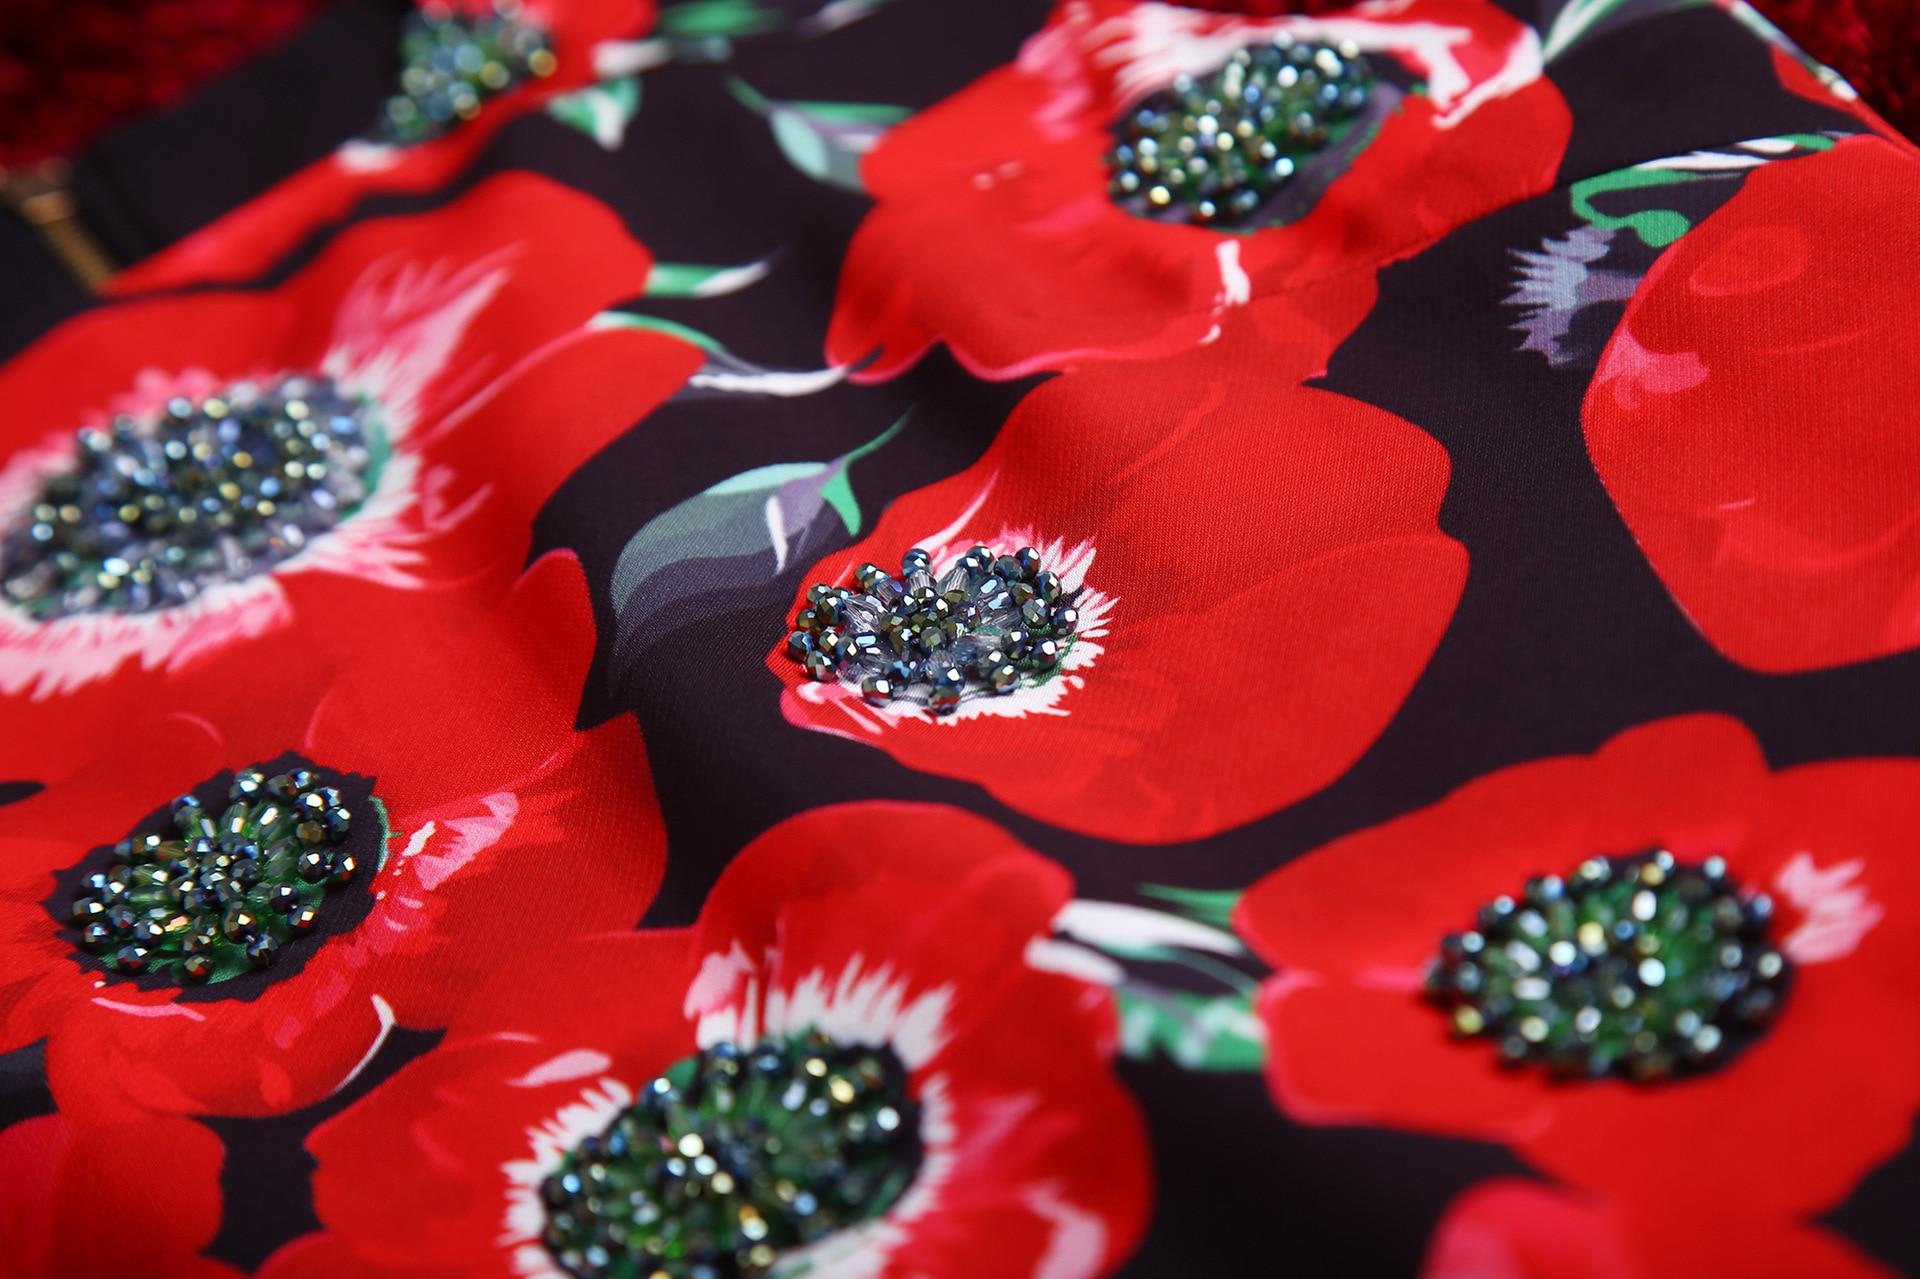 2019 Nouveauté Haute Robe D'été Luxe Couture Sans Piste Parti Femmes De Rouge Manches Qyfcioufu Perles Floral Courte Imprimé 5dzwIqgd